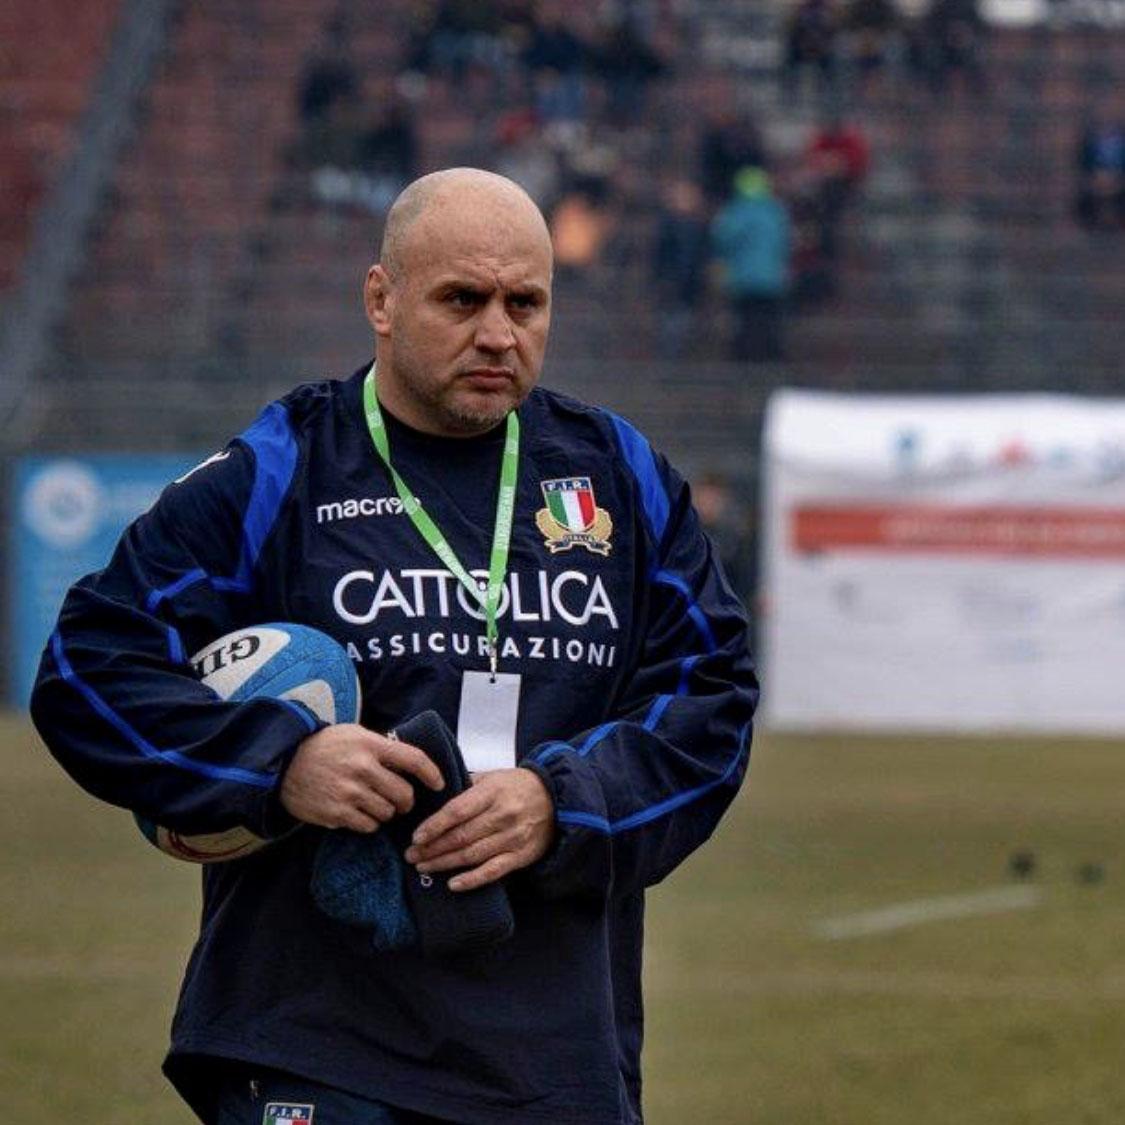 https://www.rugbyitalianclassicxv.com/wp-content/uploads/2019/04/Andrea_Moretti_Board_Italian_Classic_XV.jpg